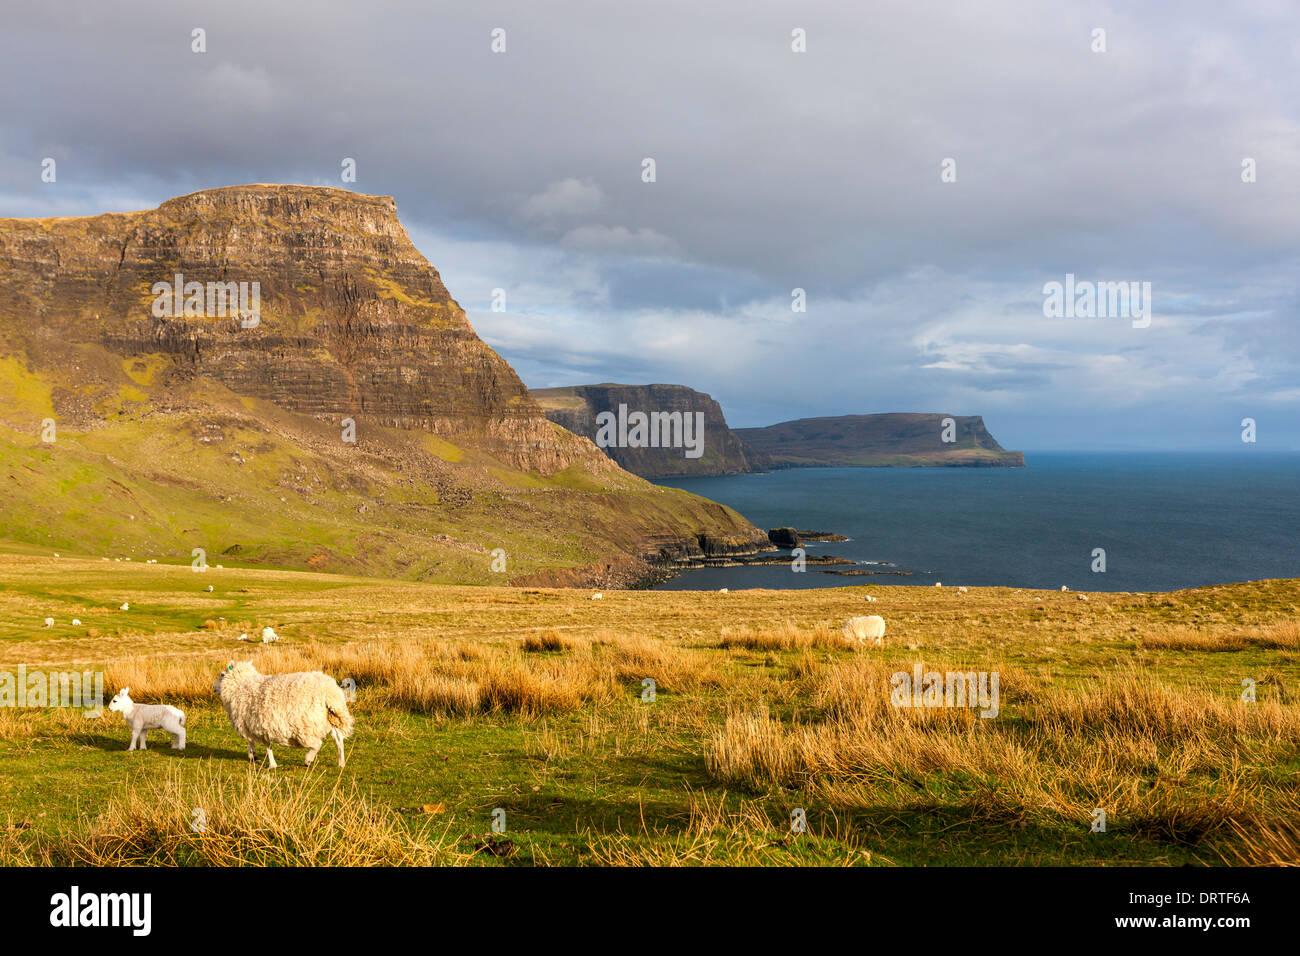 Vue d'Waterstein Head Ramasaig et falaises, Moonen Bay, île de Skye, Hébrides intérieures, Écosse, Royaume-Uni, Europe. Banque D'Images